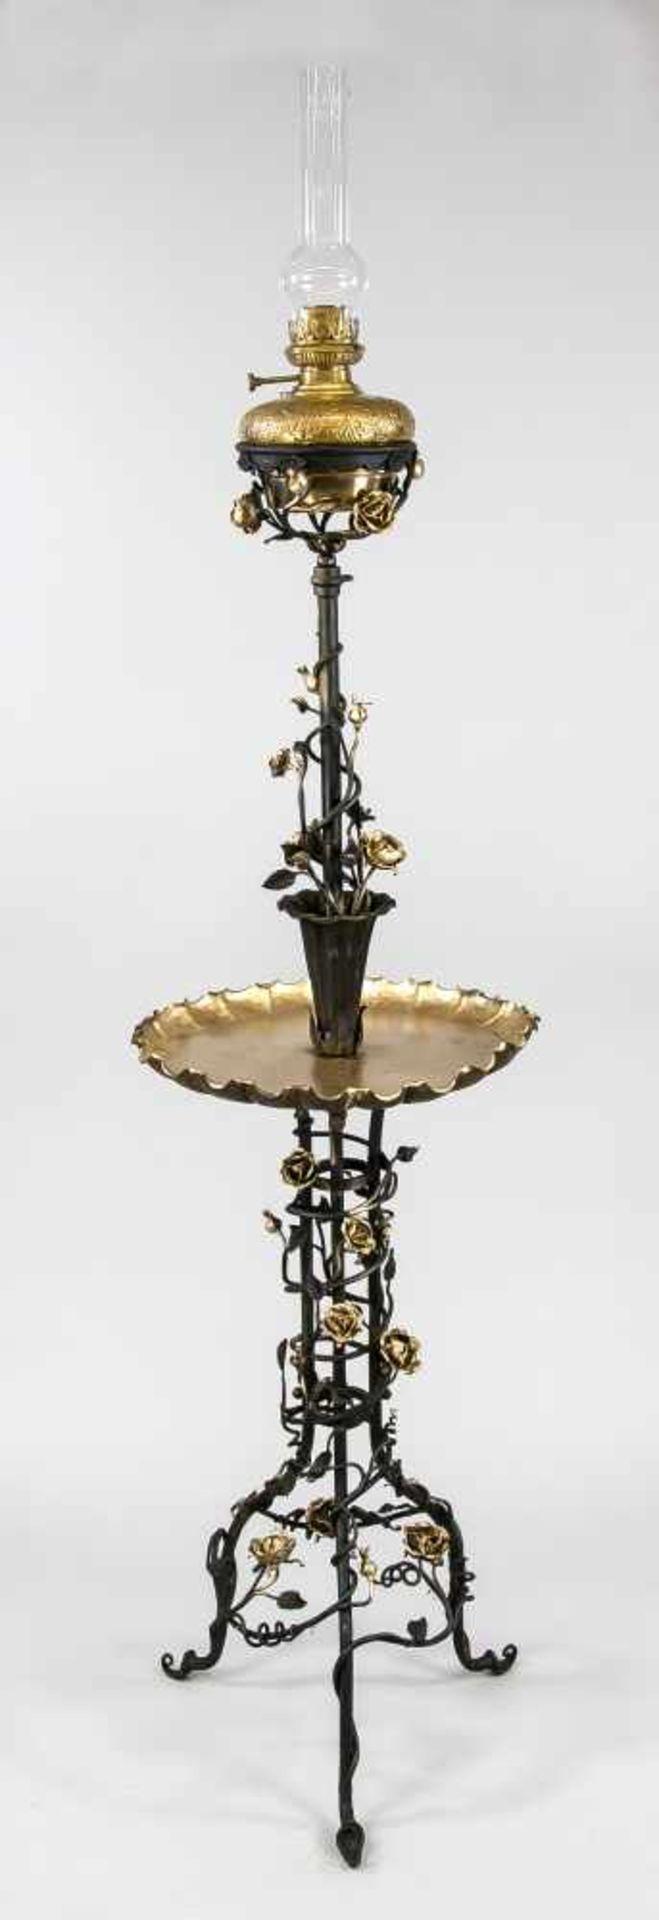 Standpetroleumlampe, um 1900, Eisen, schwarz und partiell Gold staffiert. Dreigliederiges